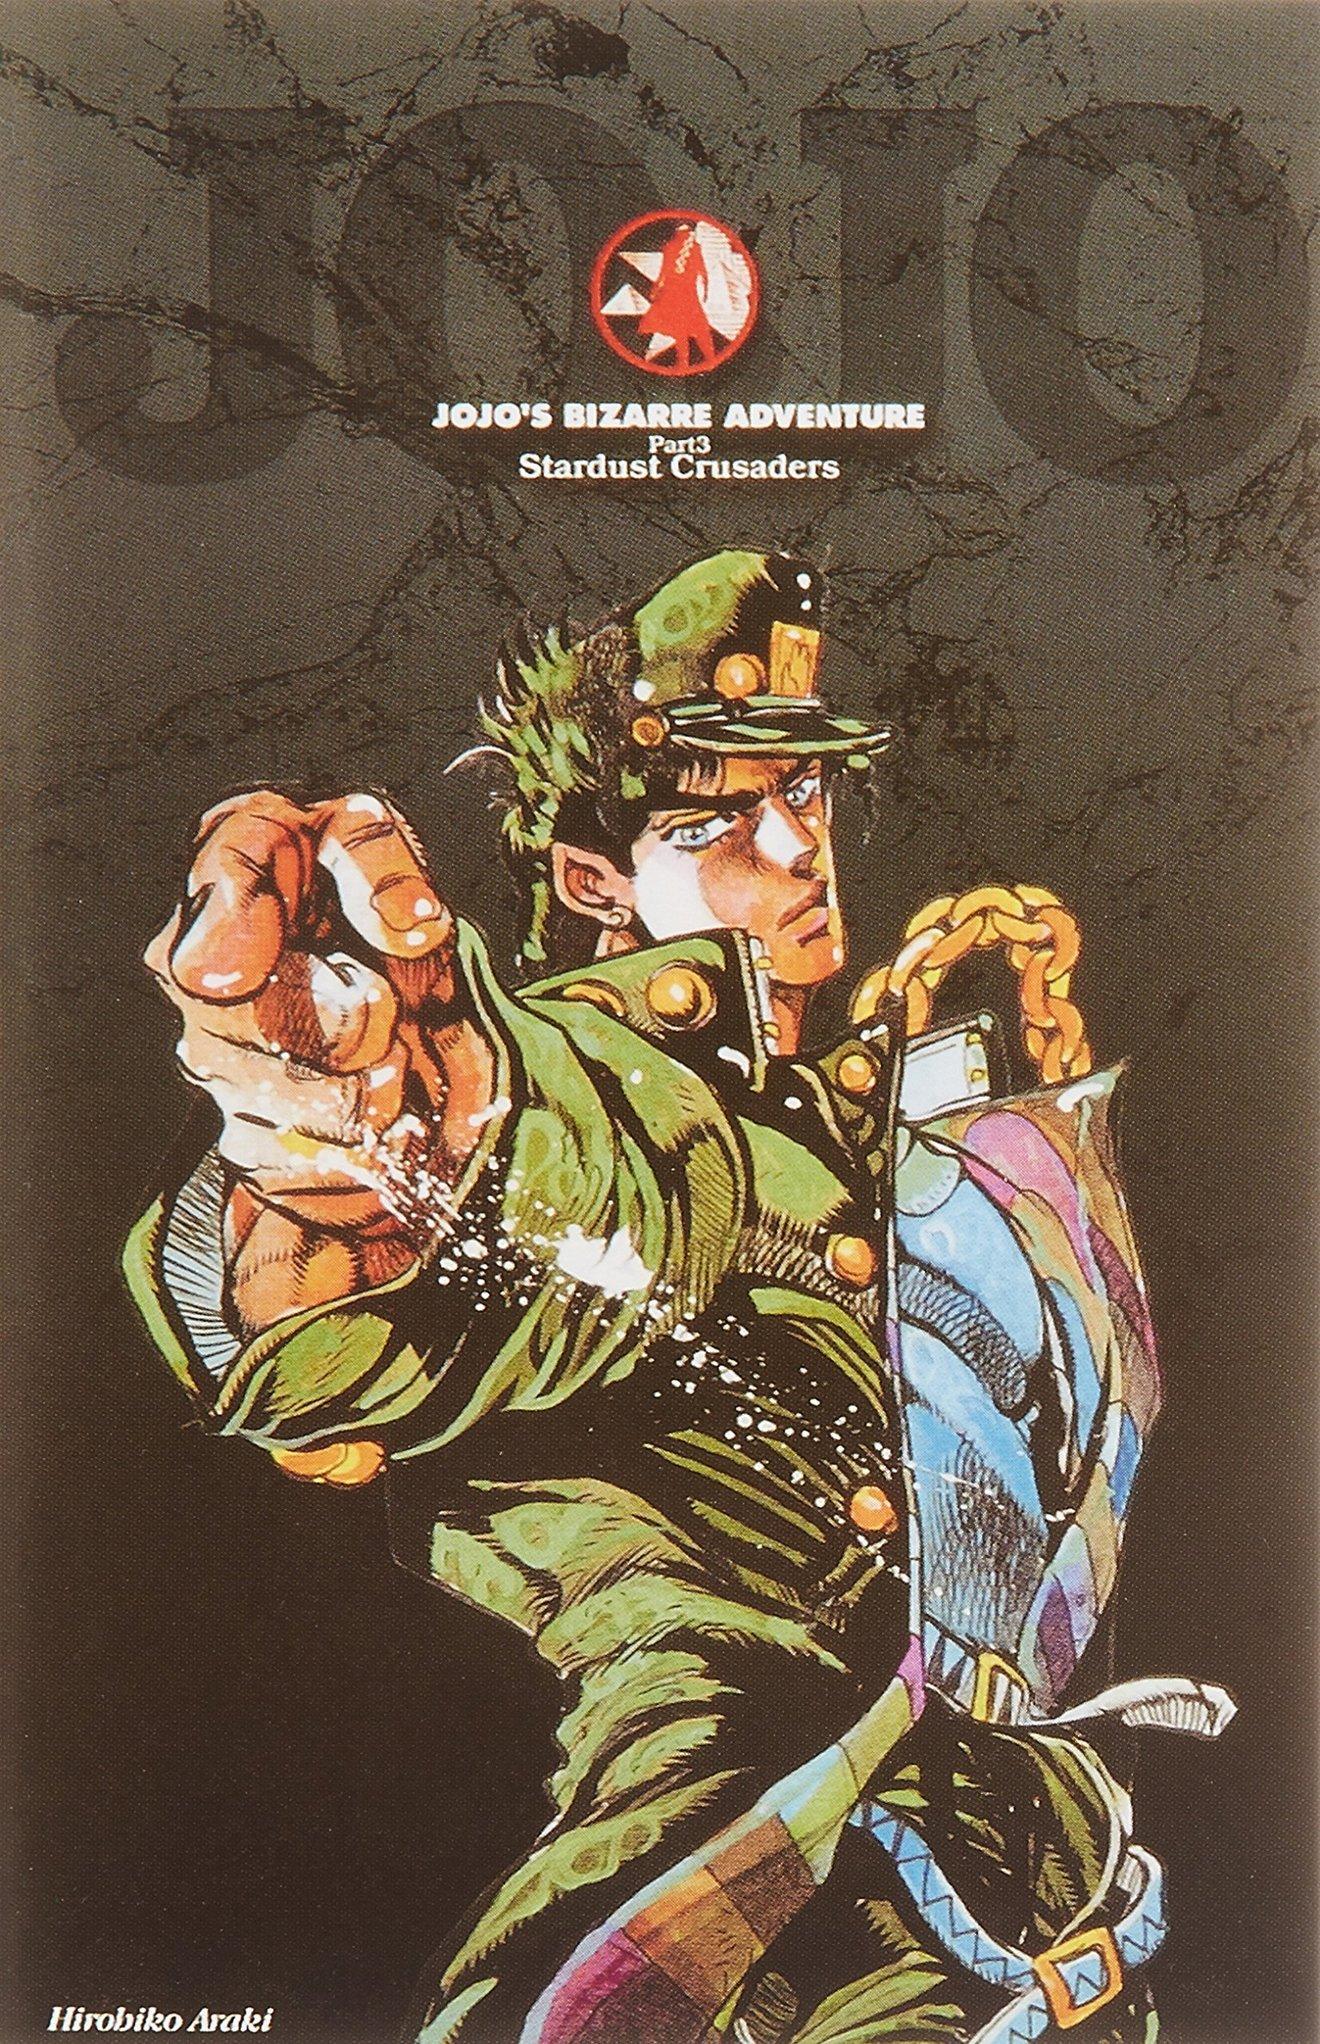 『ジョジョの奇妙な冒険』3部スターダストクルセイダースの魅力をネタバレ!